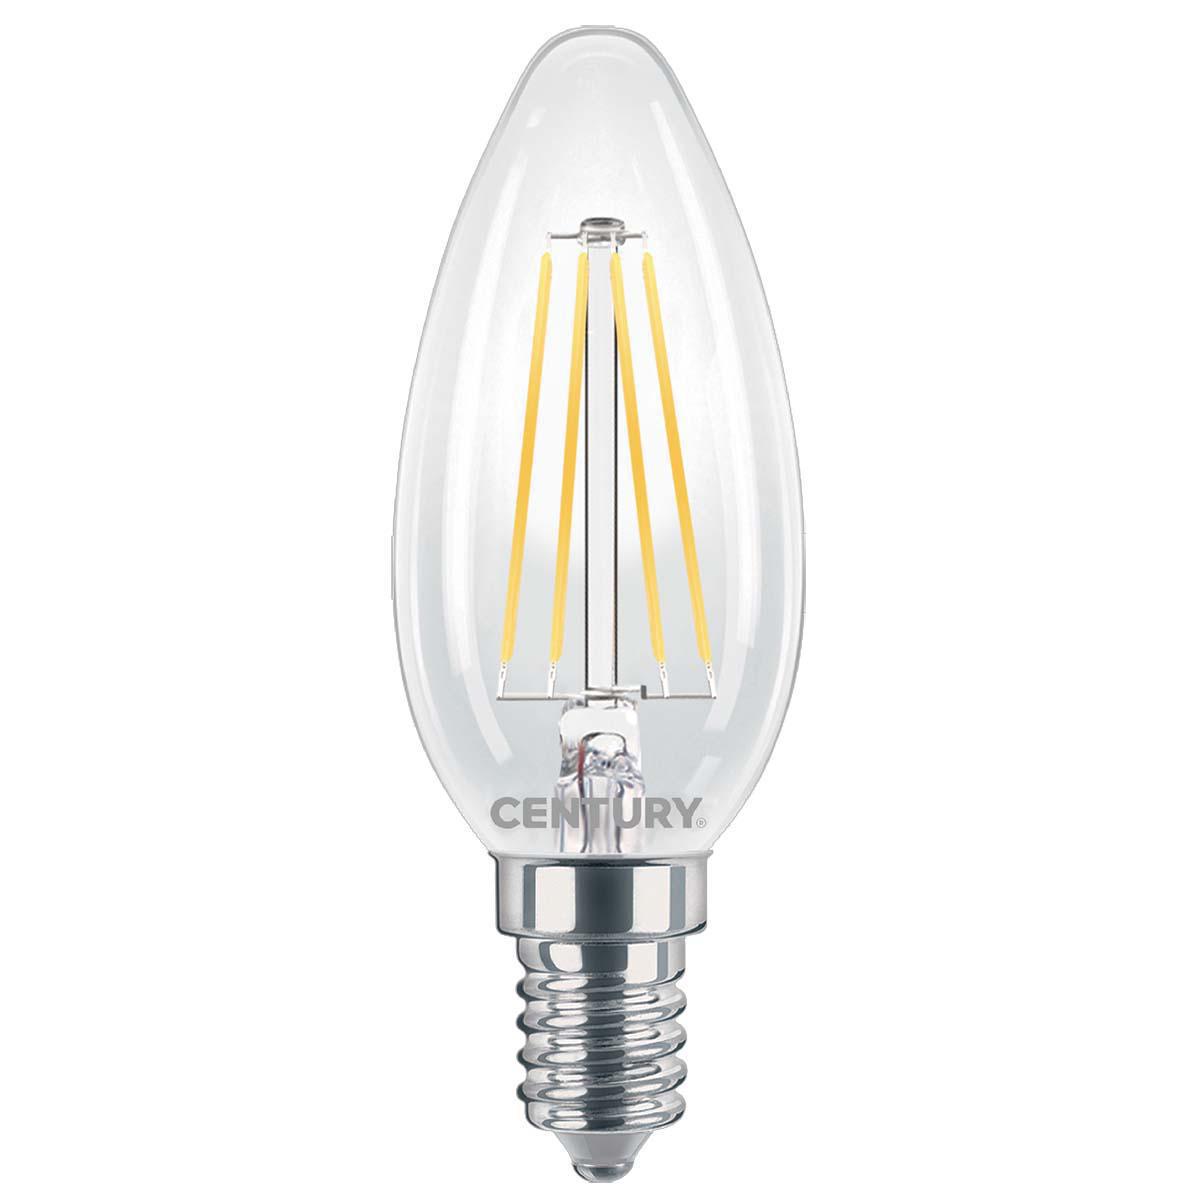 led-vintage-filament-lampe-oliva-e27-6-w-806-lm-2700-k